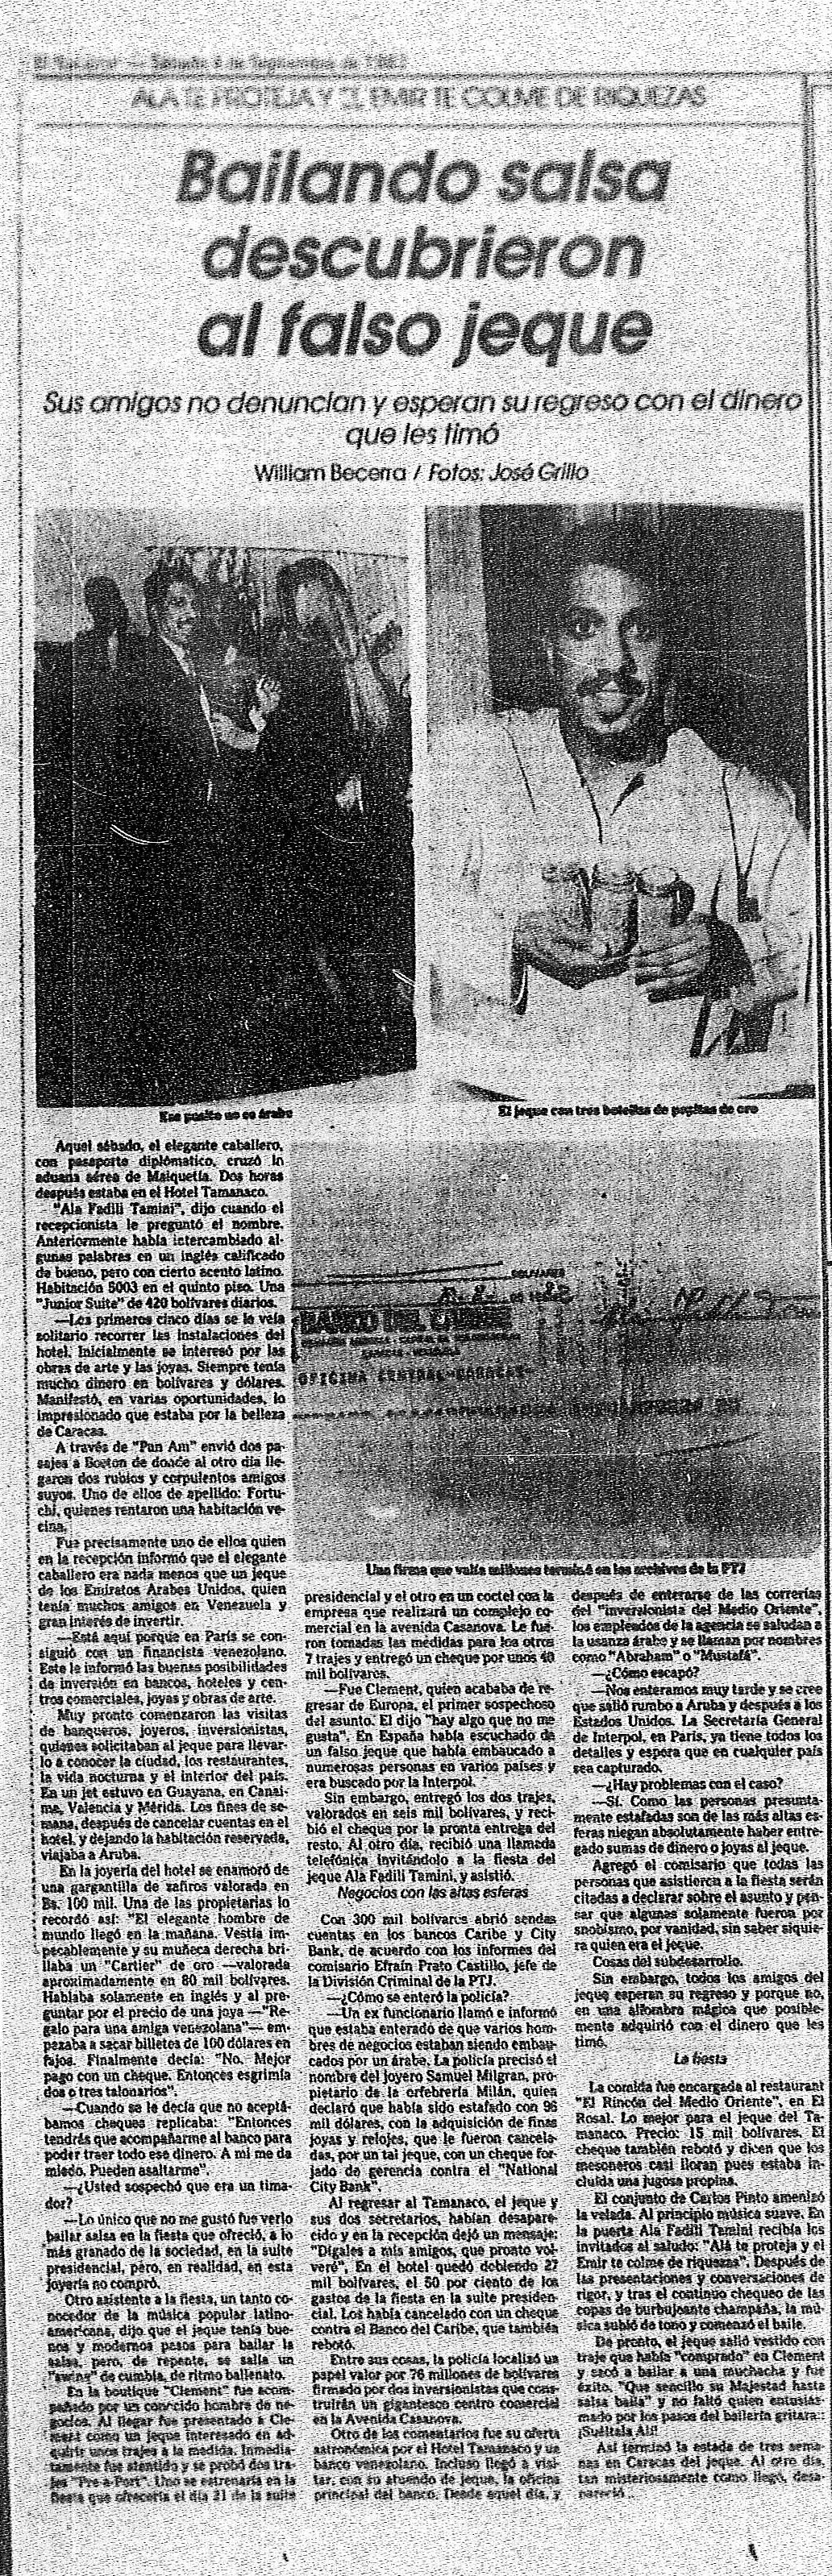 """Descubierto falso jeque bailando salsa, luego de estafar a varios de sus """"amigos"""". Publicado el 4 de agosto de 1982."""